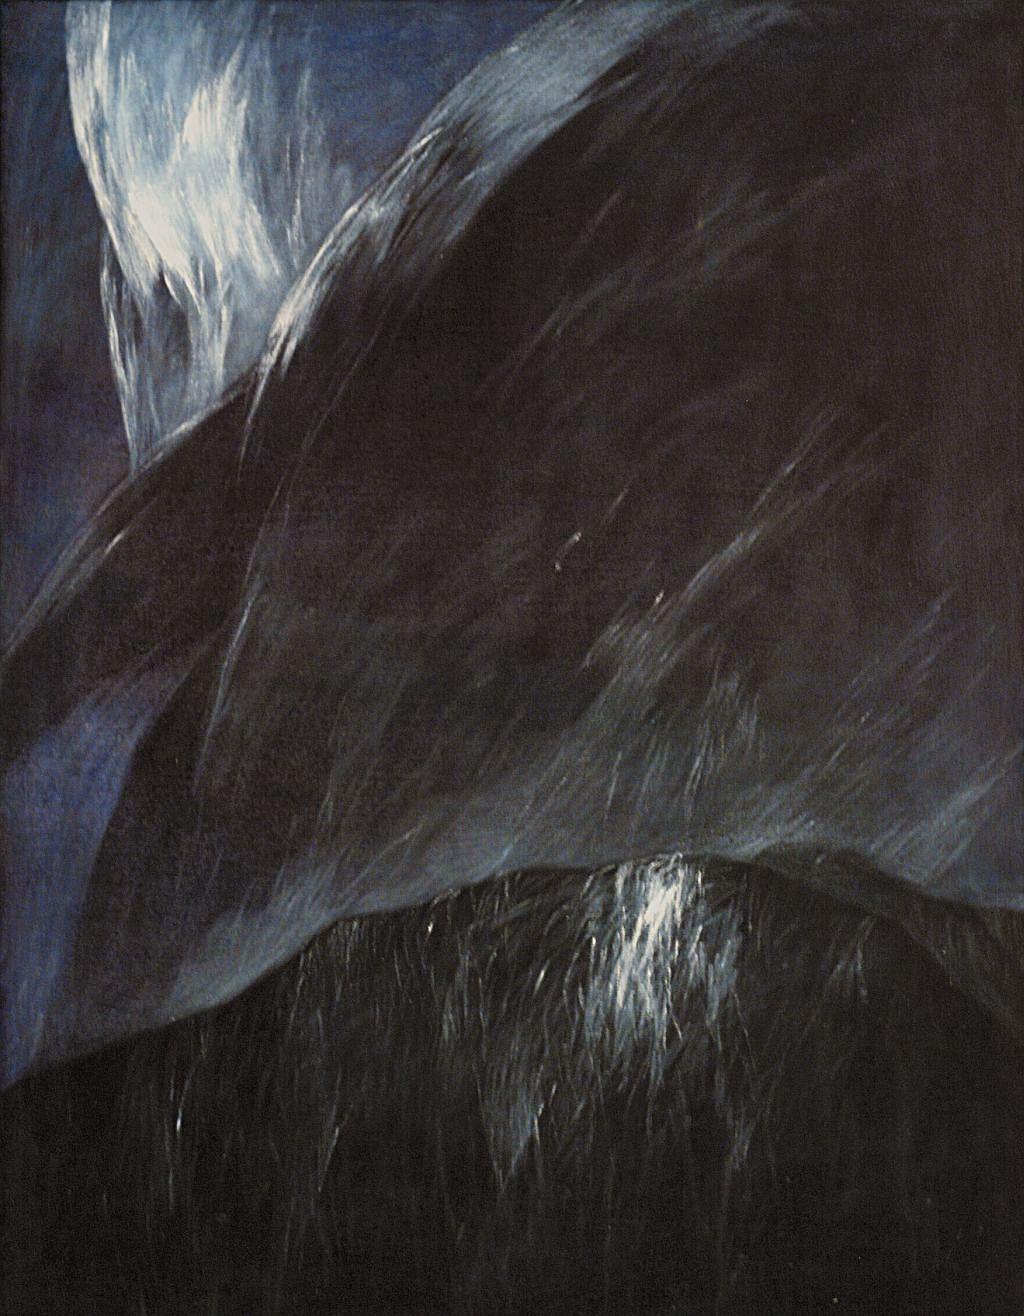 Josef Taucher, Nacht 15, 2002, Öl/Molino, 65 x 50 cm © Josef Taucher